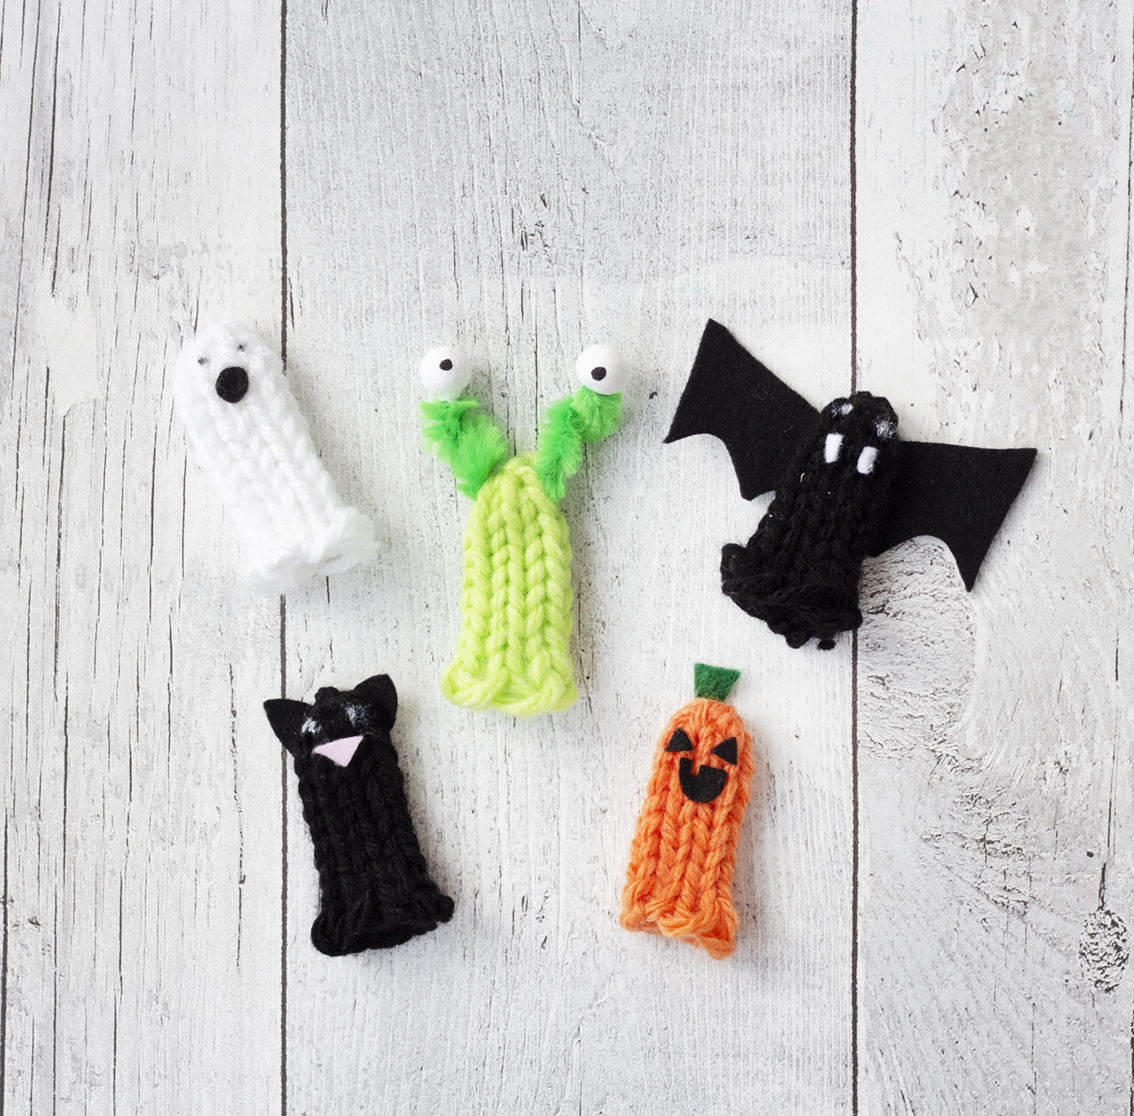 Påtade halloweenfigurer | Pysselbolaget